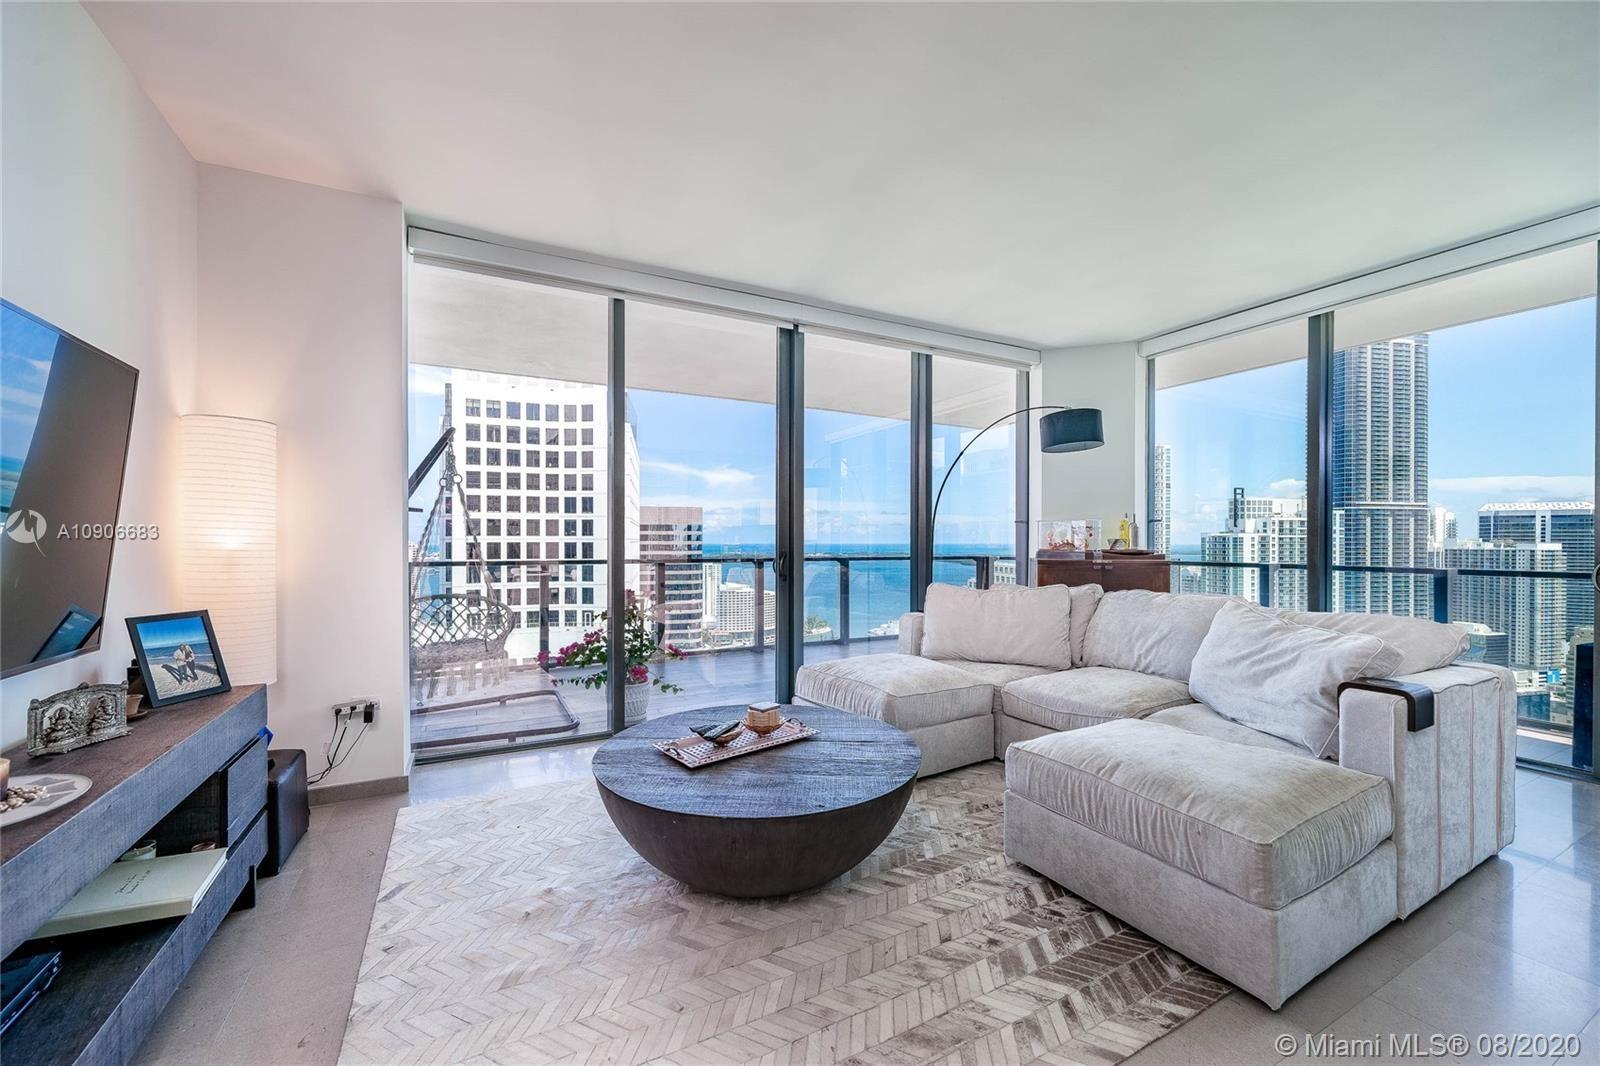 Photo of 68 SE 6th St #3501, Miami, FL 33131 (MLS # A10906683)